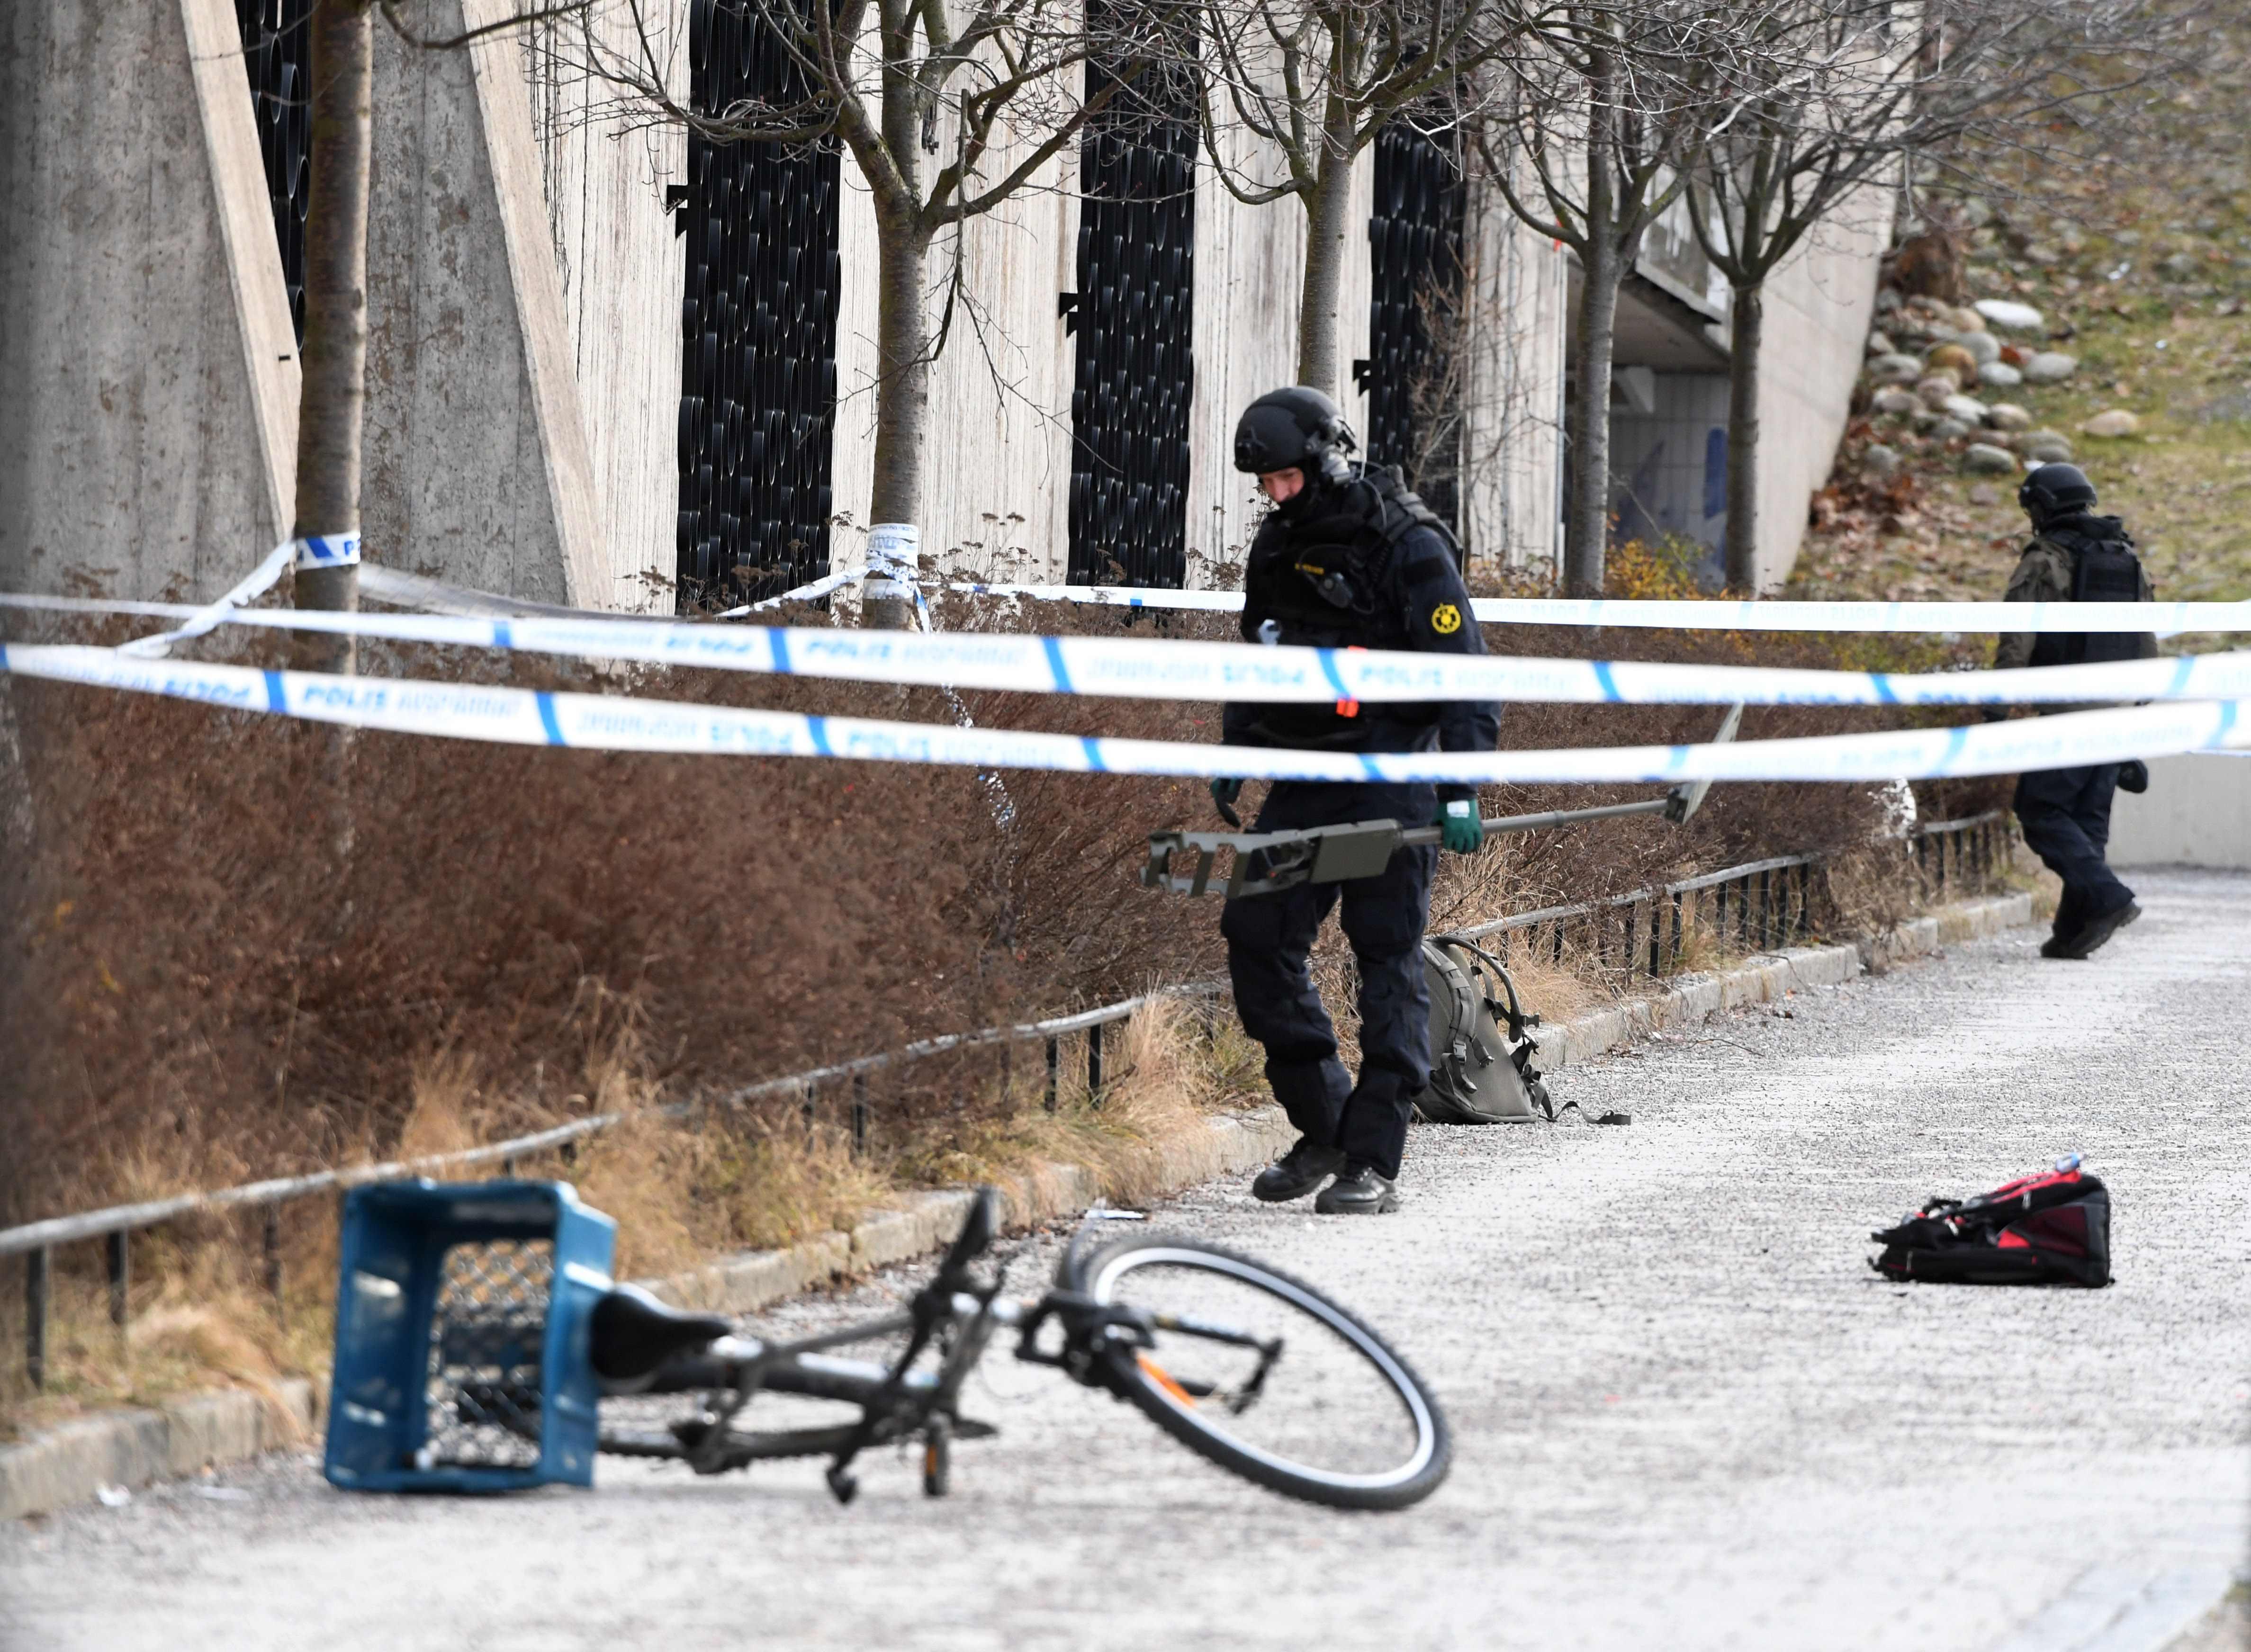 Suécia. Explosão em estação de metro de Estocolmo faz dois feridos